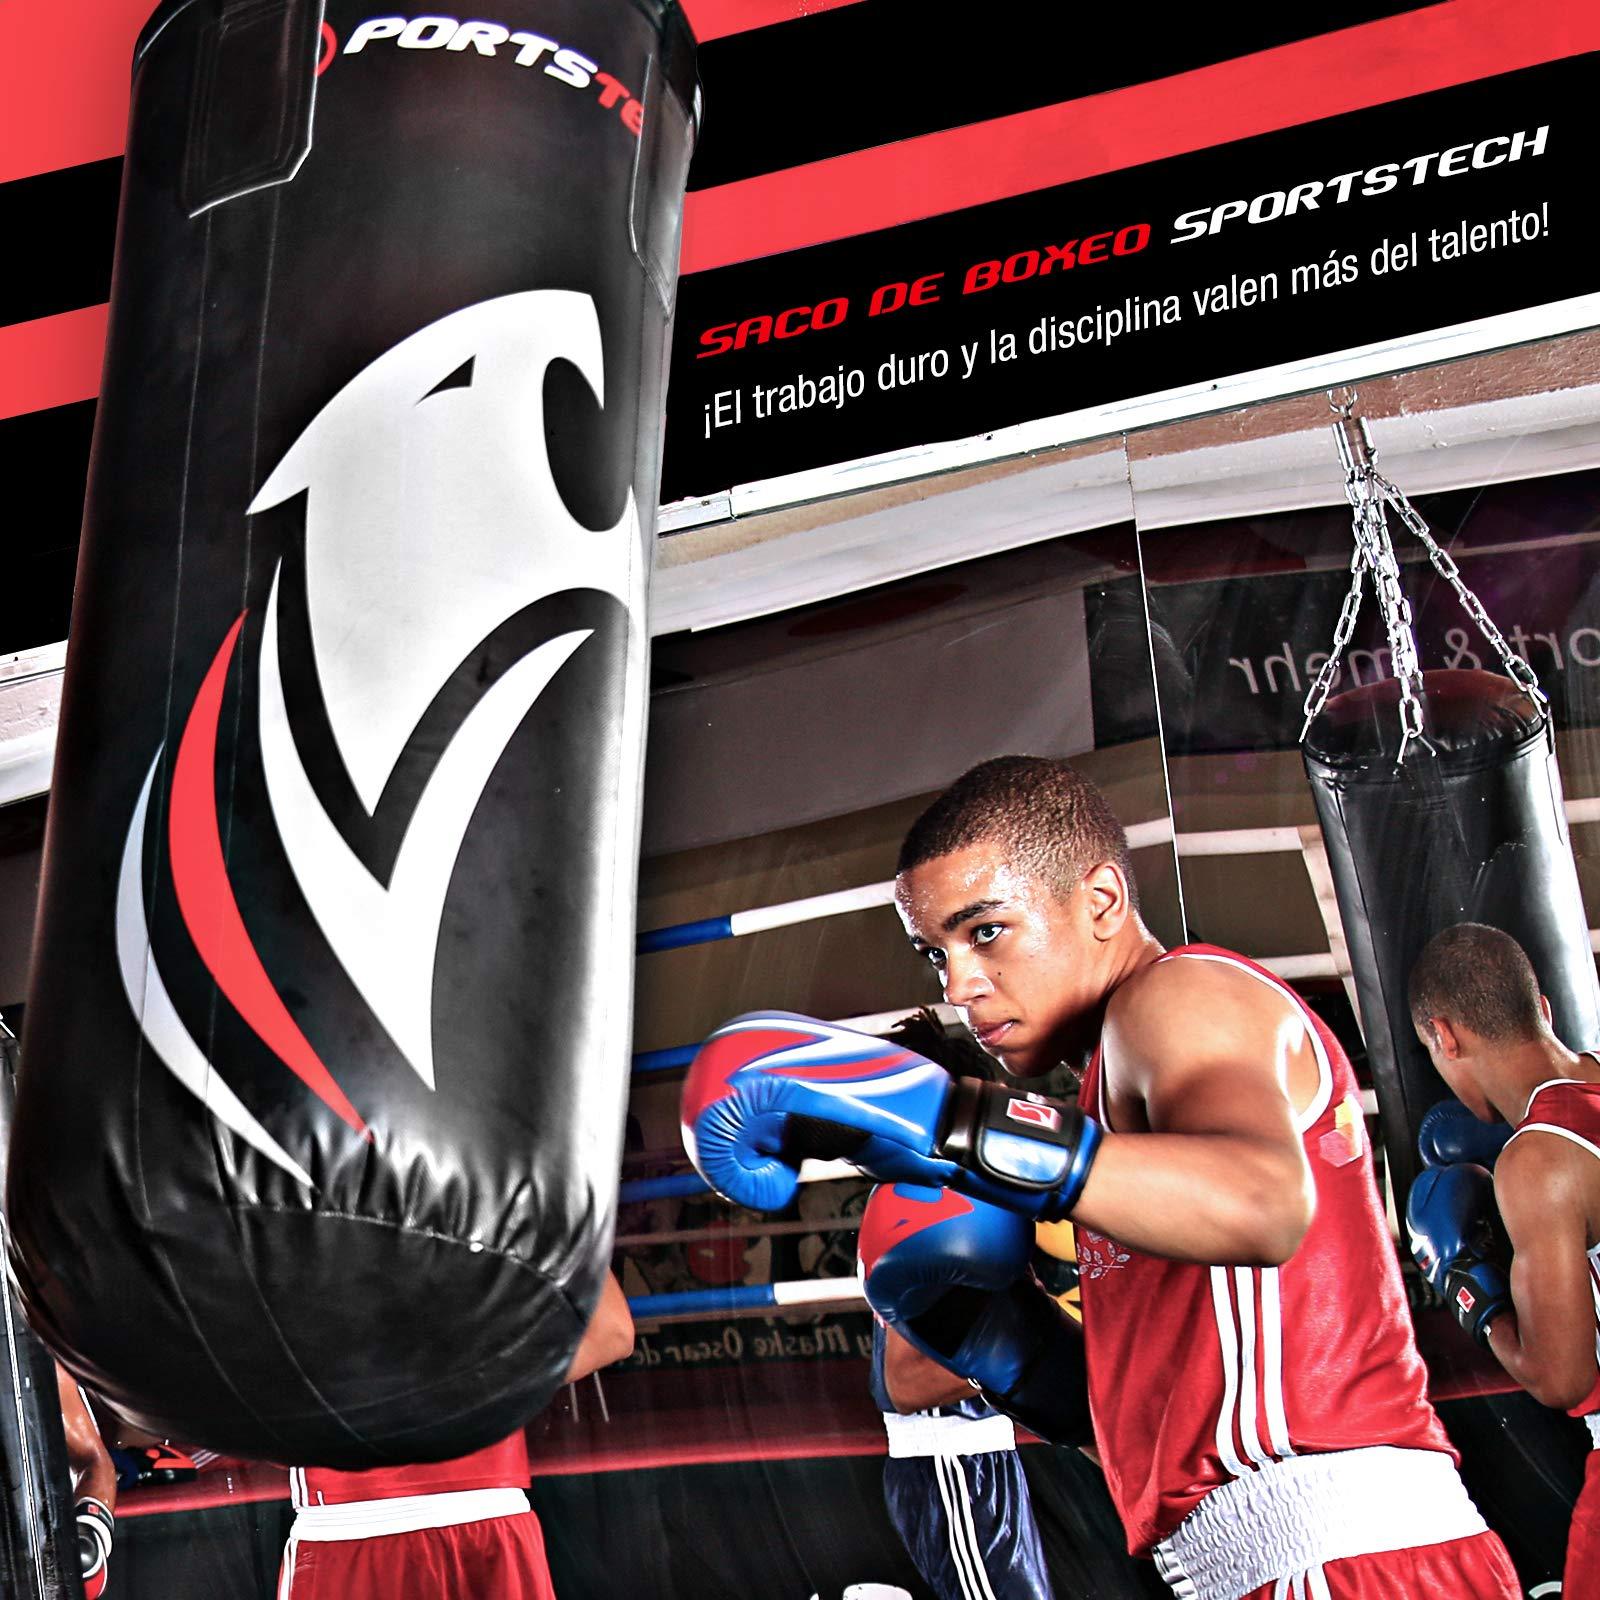 Sportstech Saco de Boxeo Profesional.Fijación de 360 Incluye póster de Entrenamiento;Nuestro BXP está Recomendado por la Asociación de Boxeo de Berlín,Ideal para Kick Boxing y Boxeo (100x40cm): Amazon.es: Deportes y aire libre